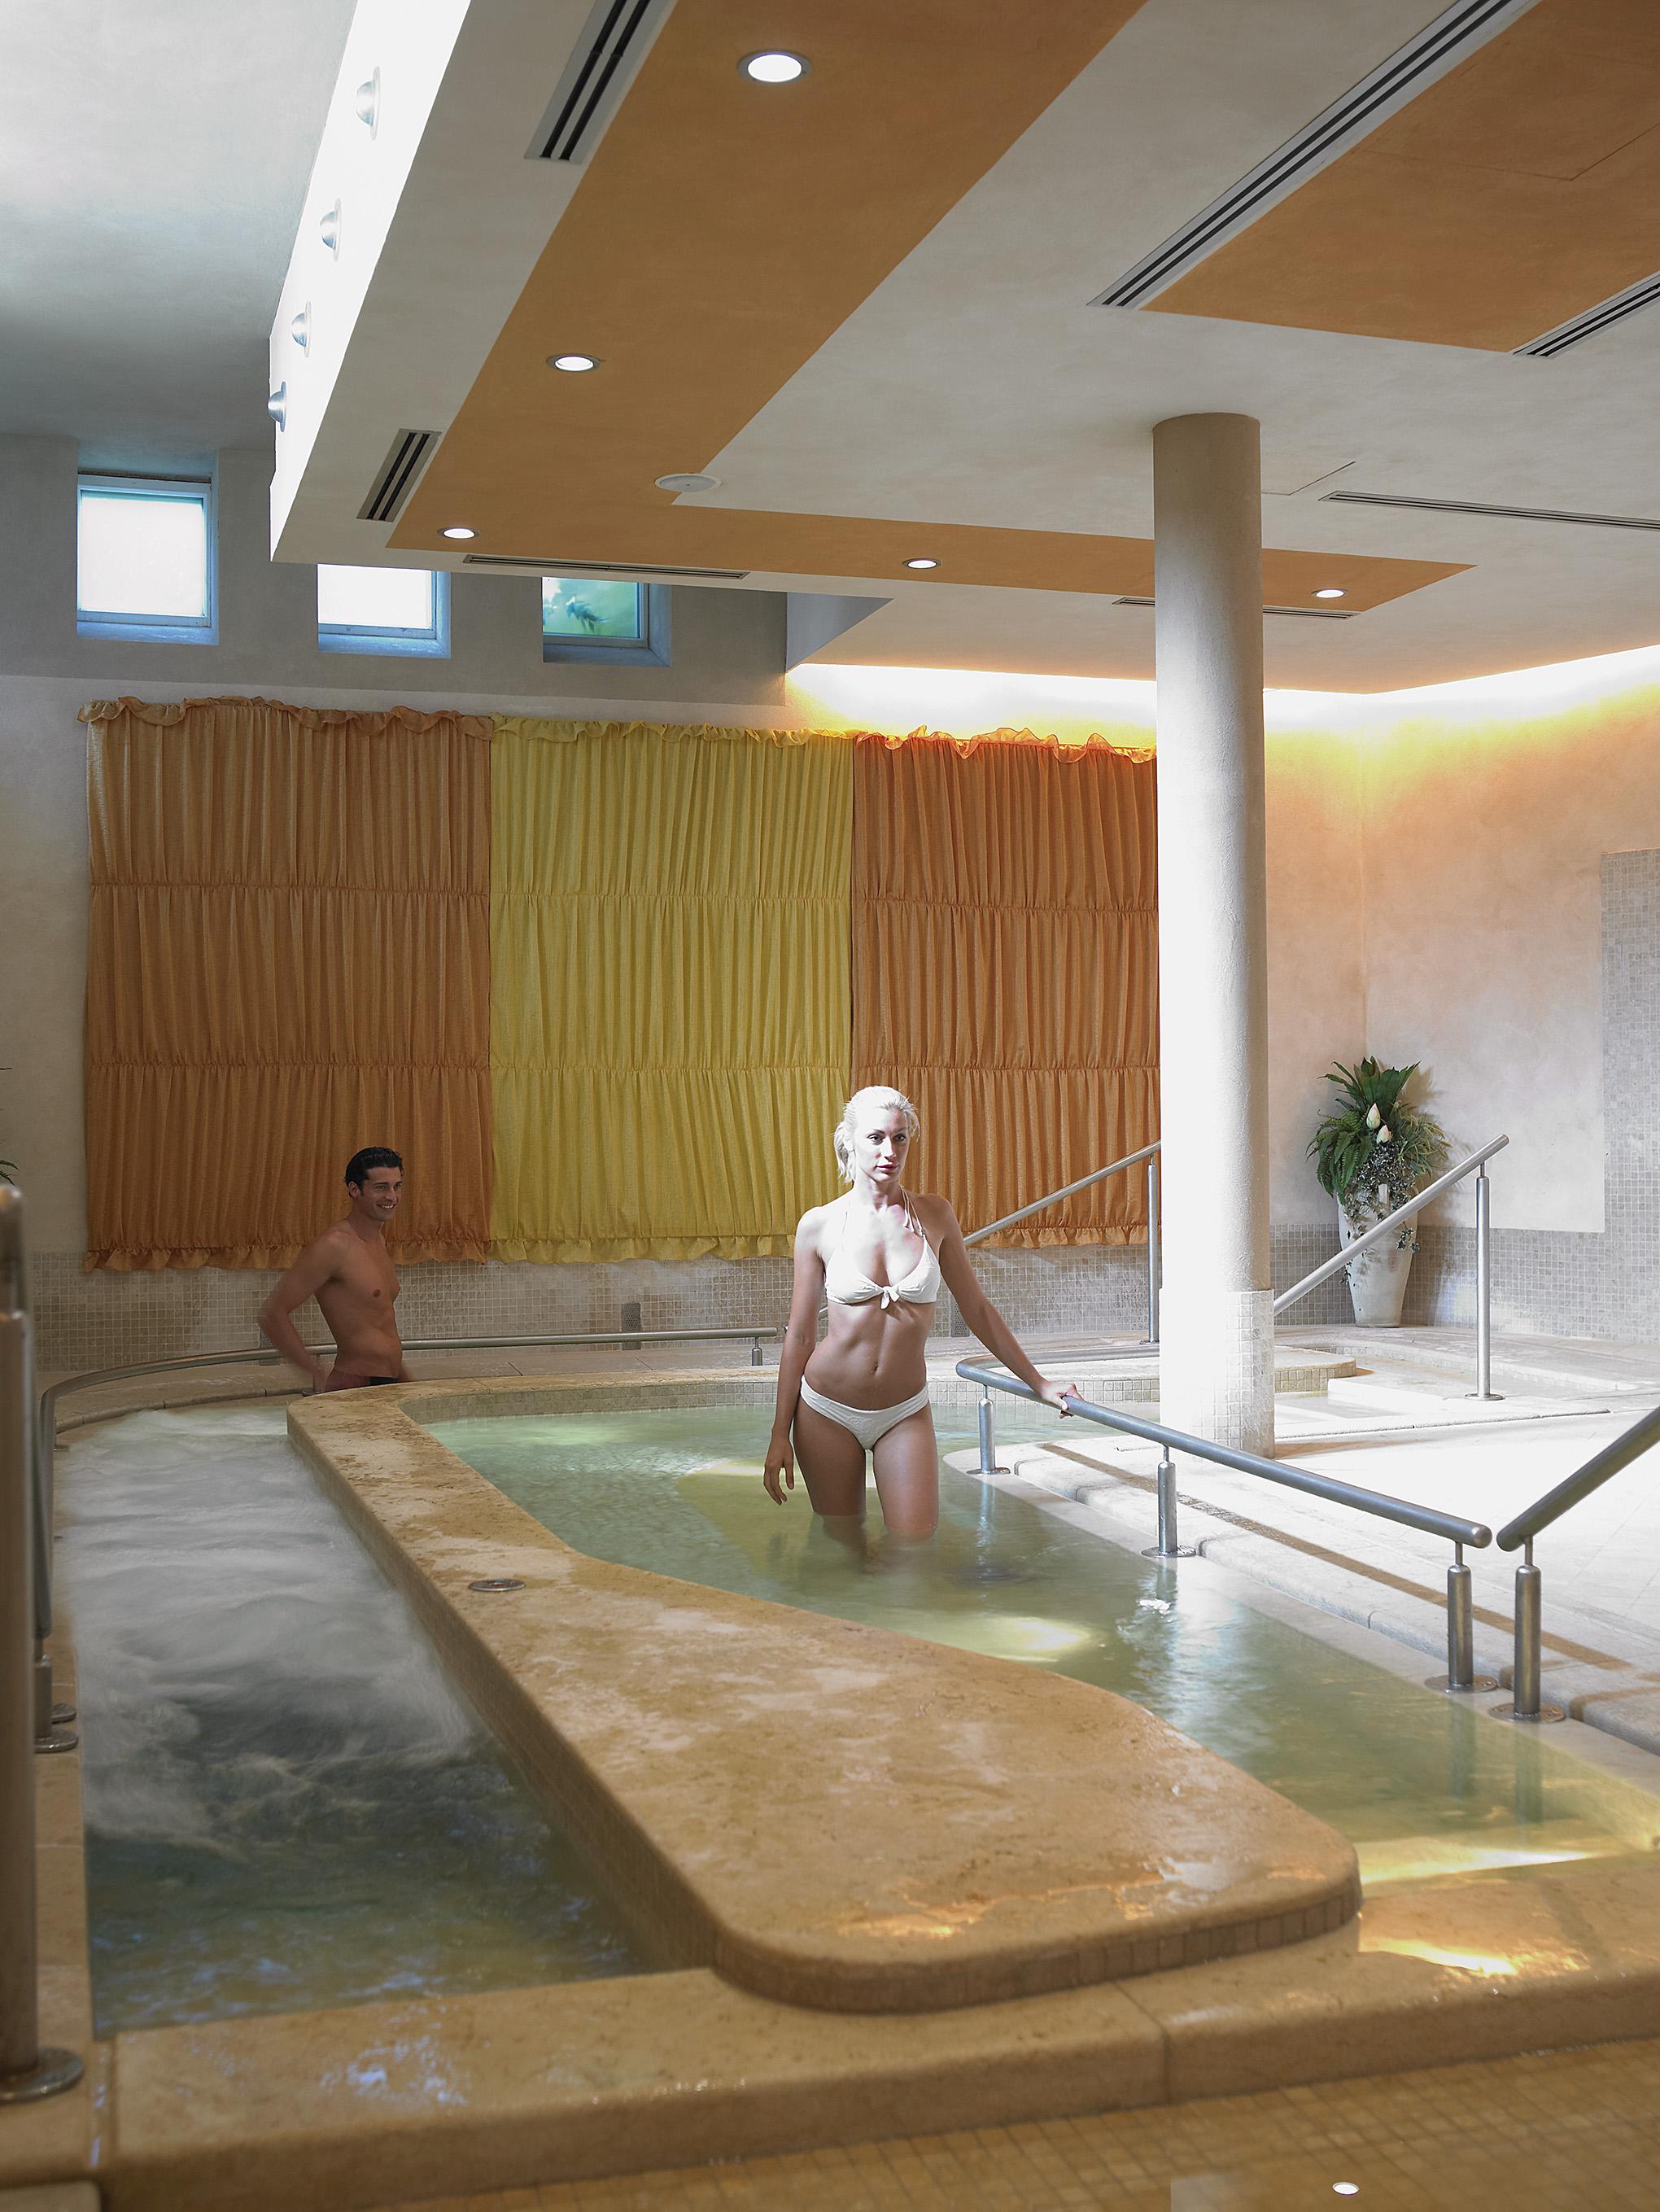 Spa per un giorno all 39 hotel caesius carnet verona - Hotel con piscina verona ...